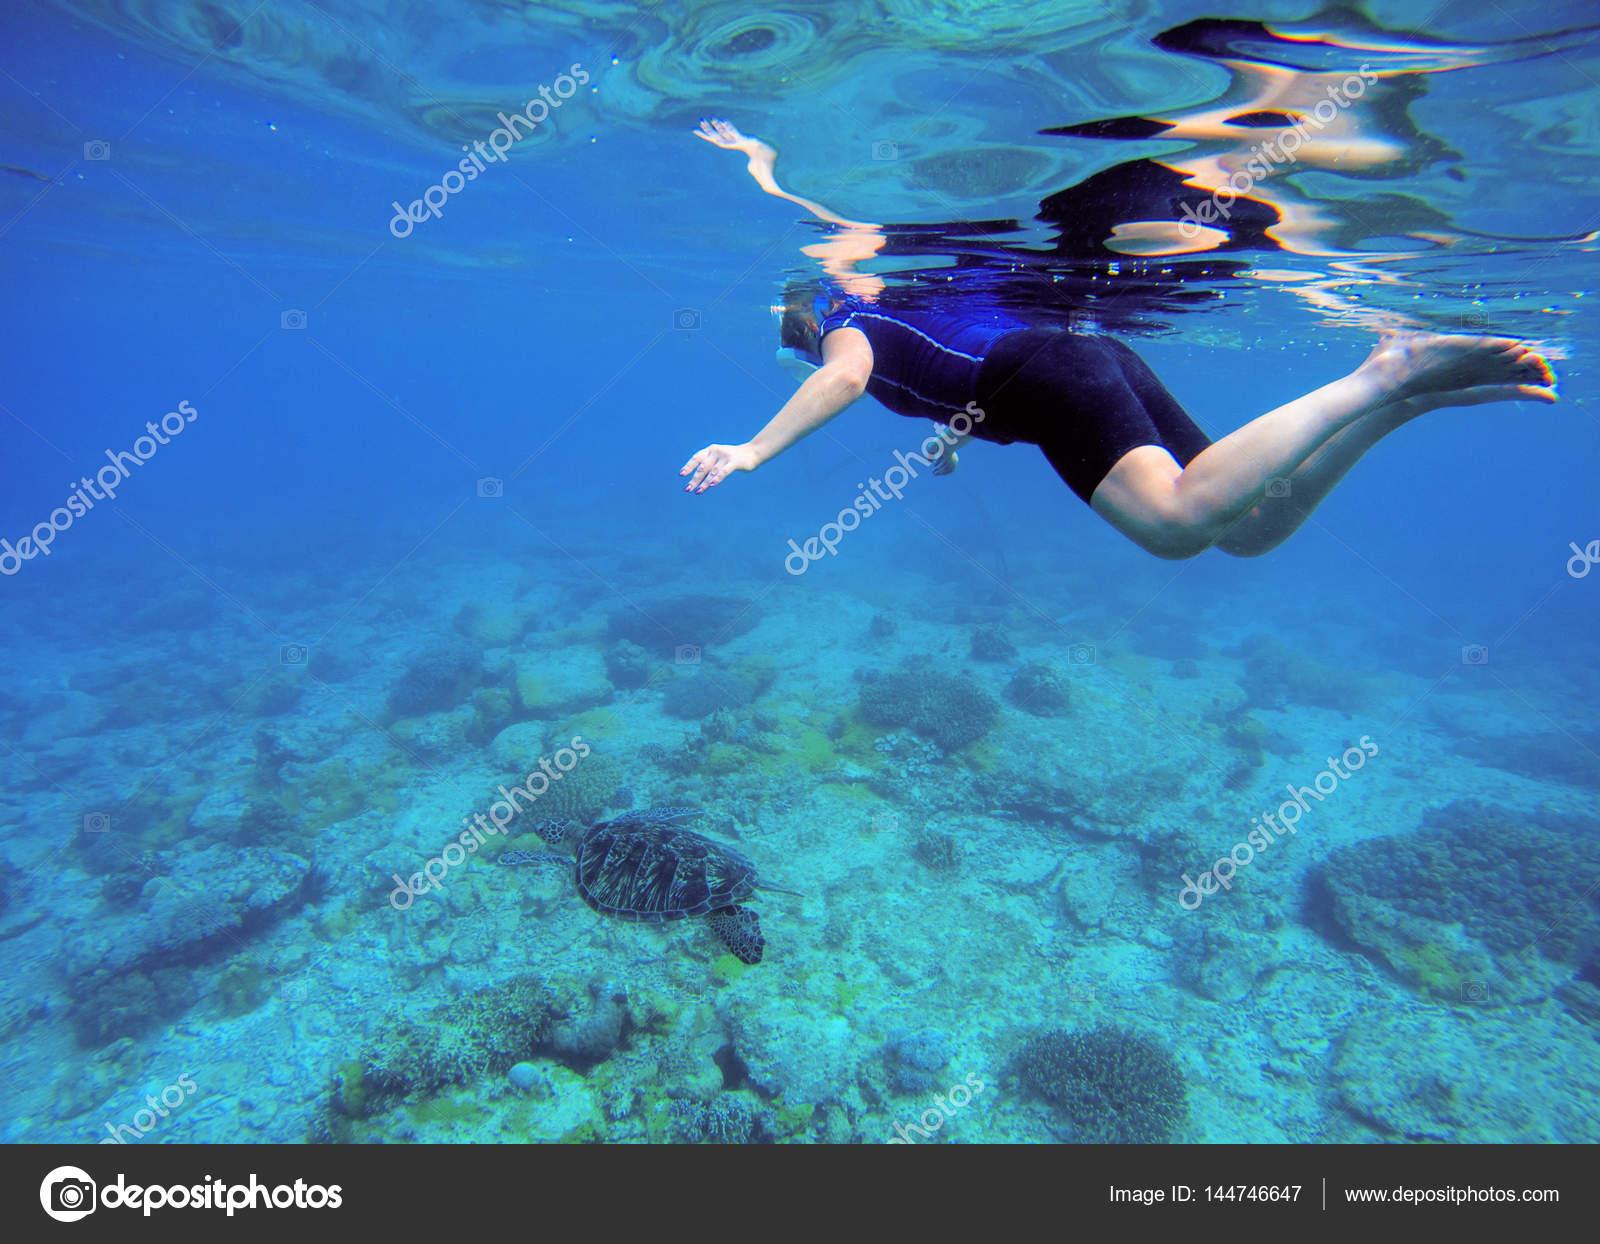 c80bba58b Fundo do mar tropical. Mulher nada submarinos em traje de banho e máscara  facial. Fotografia subaquática do snorkel feminino. Mergulho em Recife de  coral ...